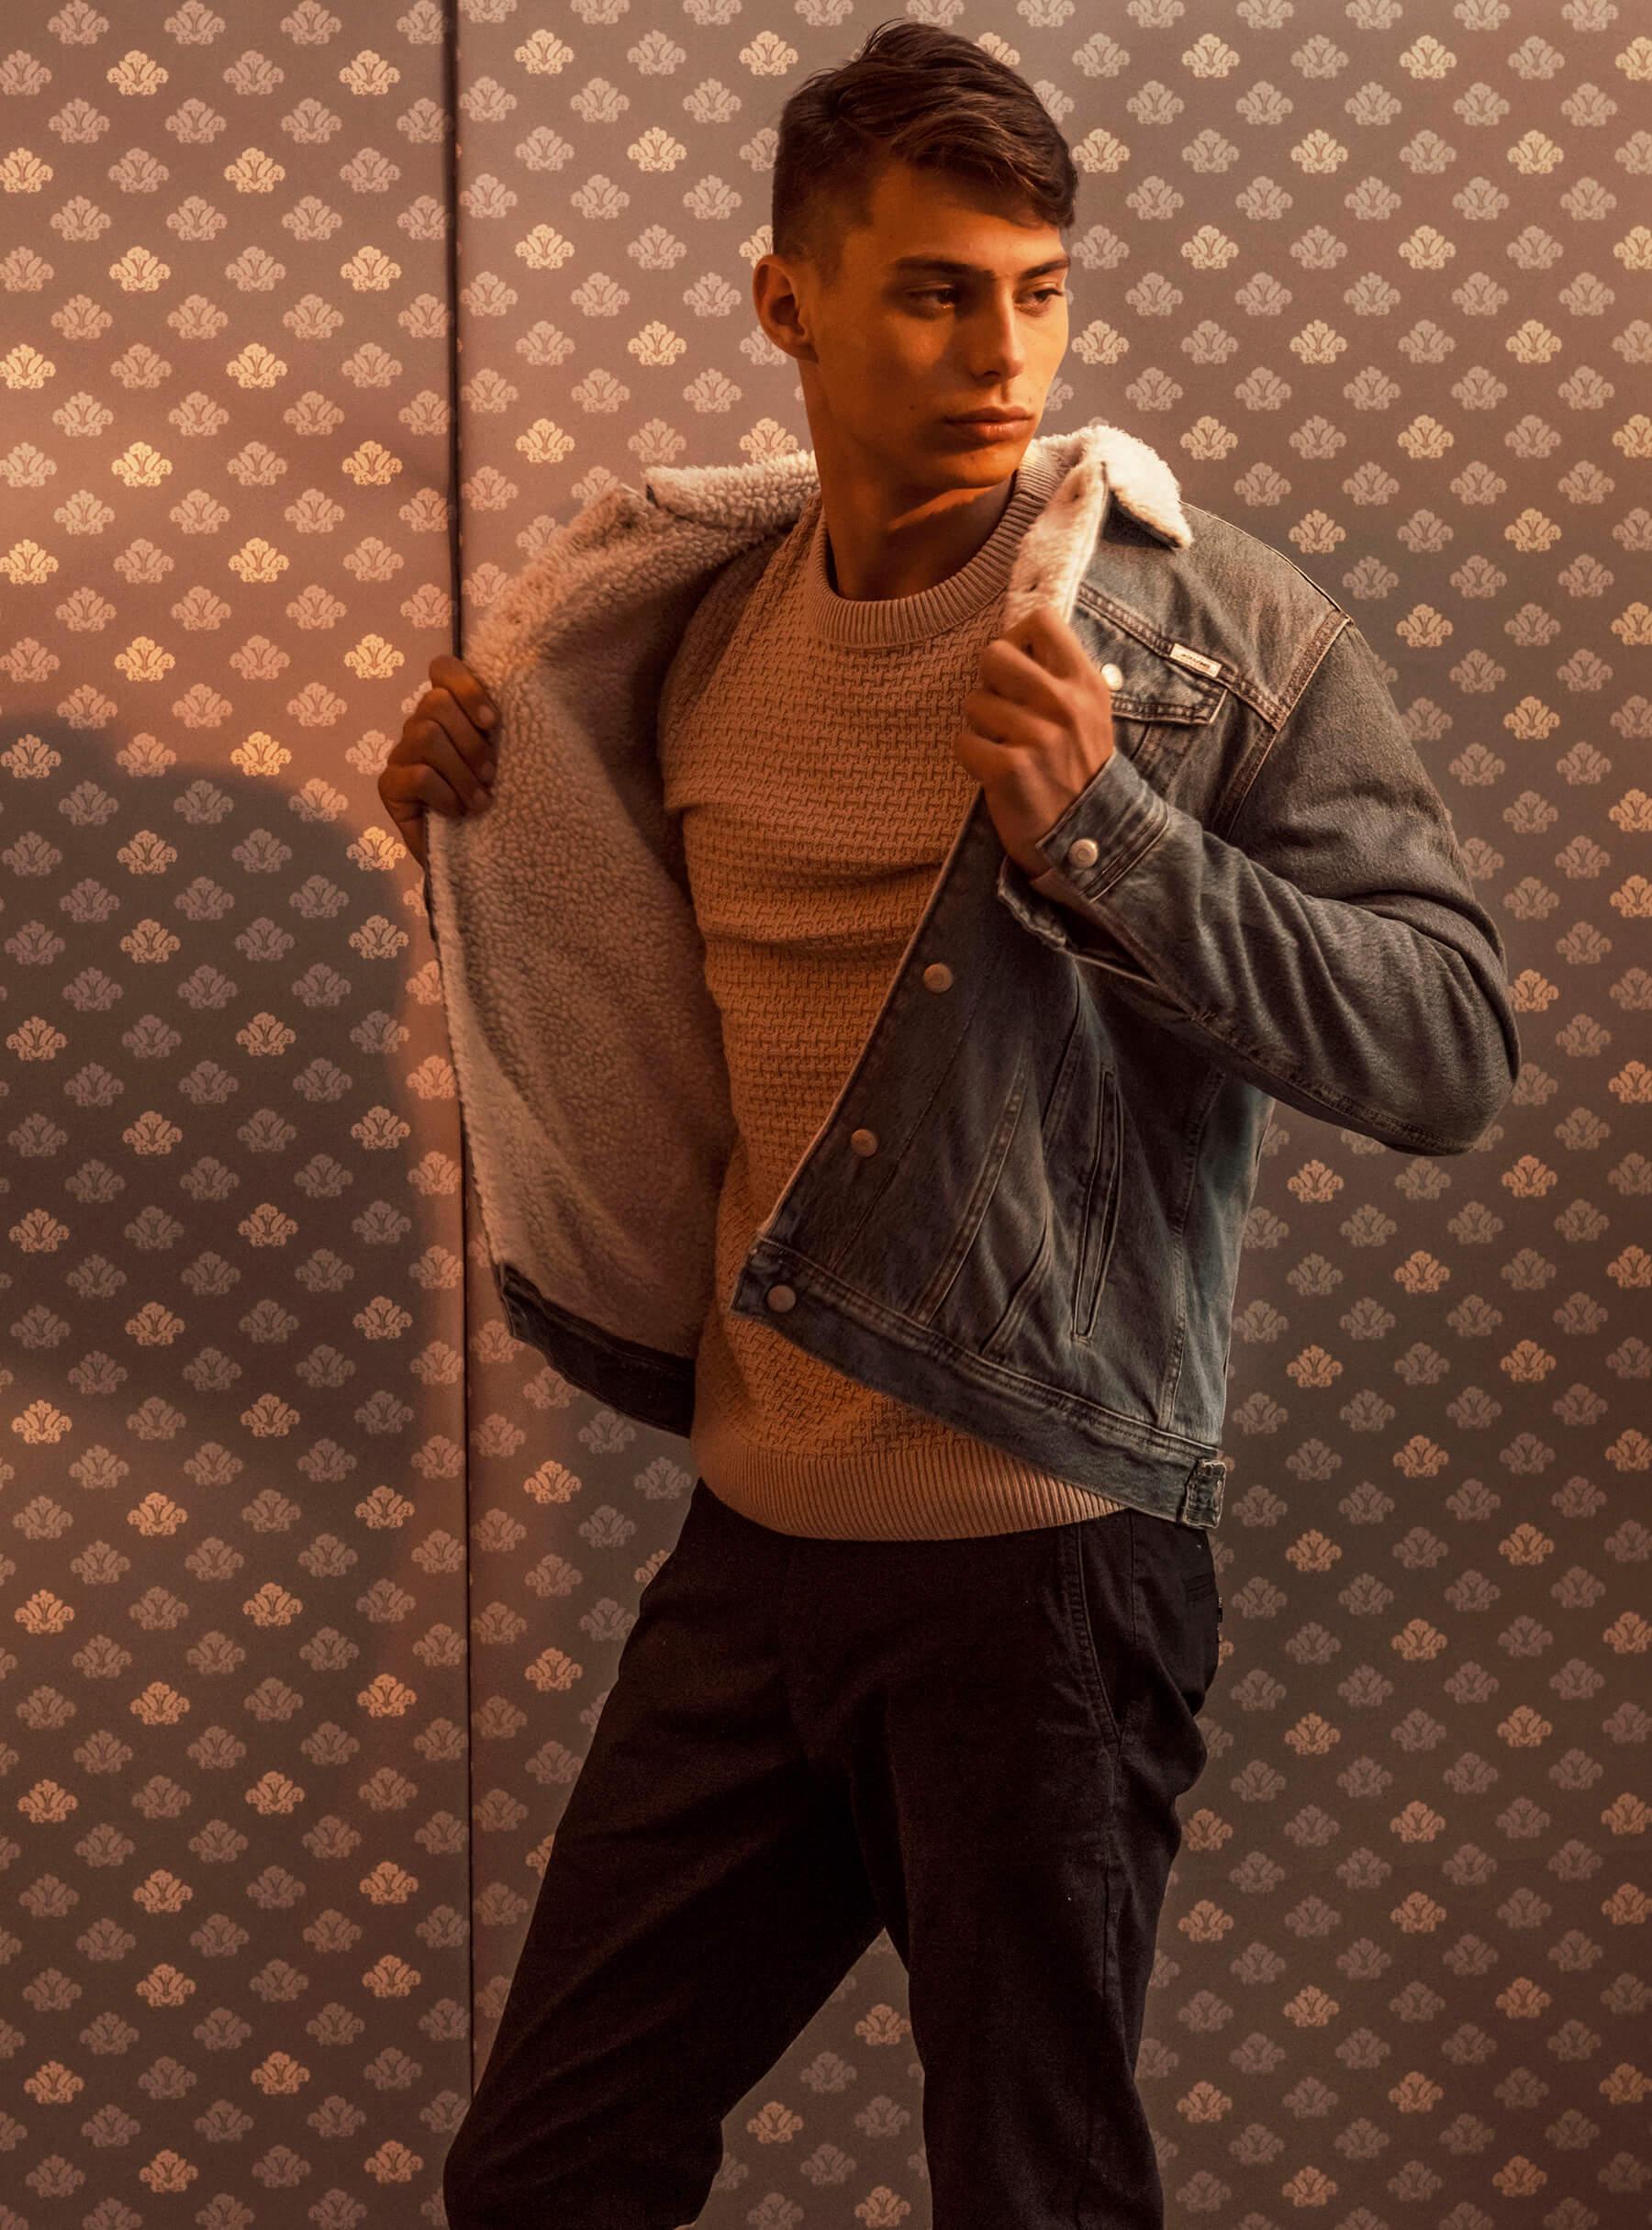 Jack&Jones pulover 319 hrk Marx hlače 319 hrk